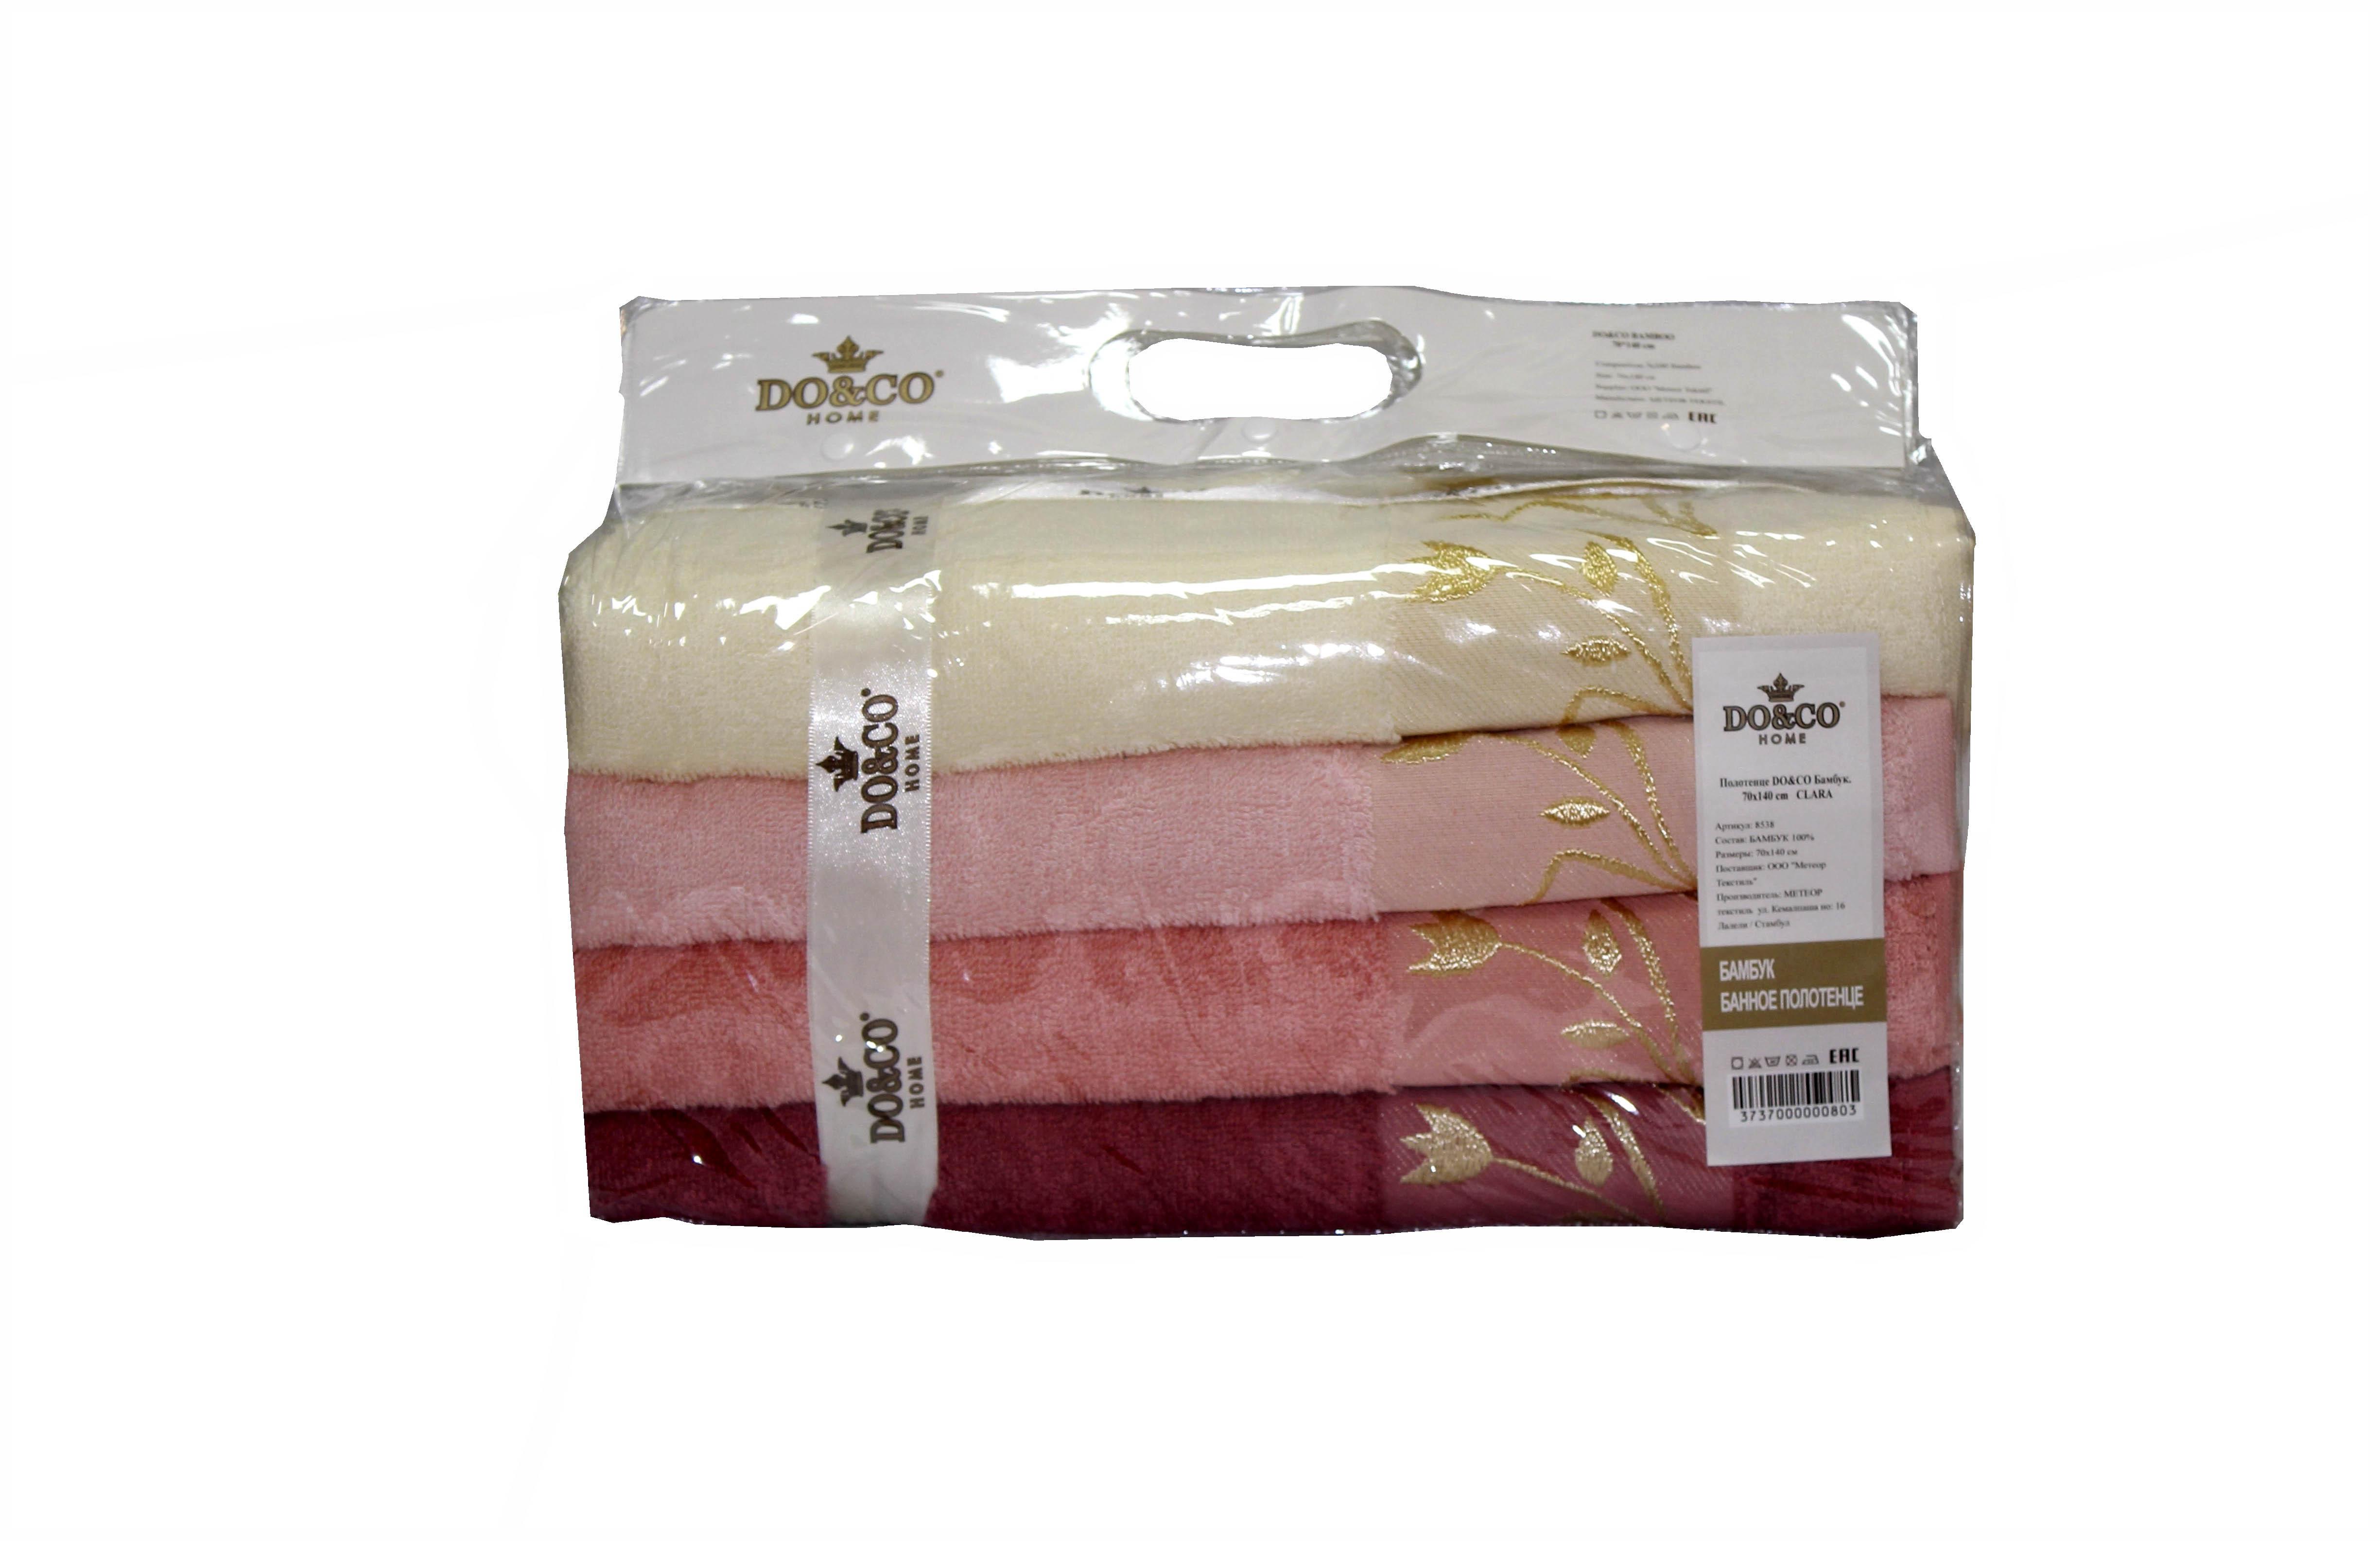 Полотенца DO'n'CO Набор Полотенец Clara (50х90 см - 4 шт) полотенца do n co набор полотенец clara 70х140 см 4 шт